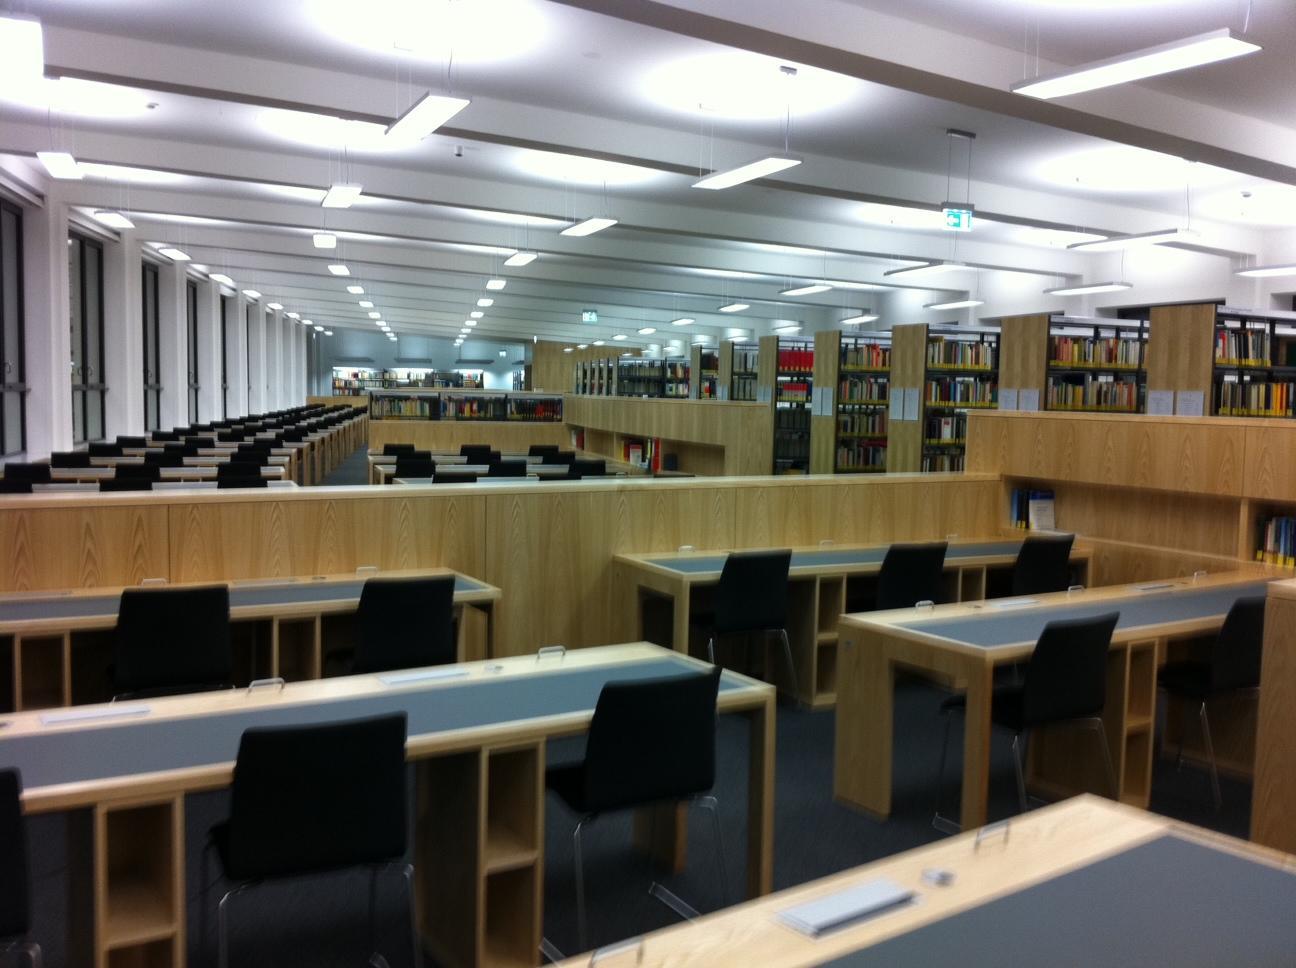 bibliothek bibliothek fb rechtswissenschaft. Black Bedroom Furniture Sets. Home Design Ideas